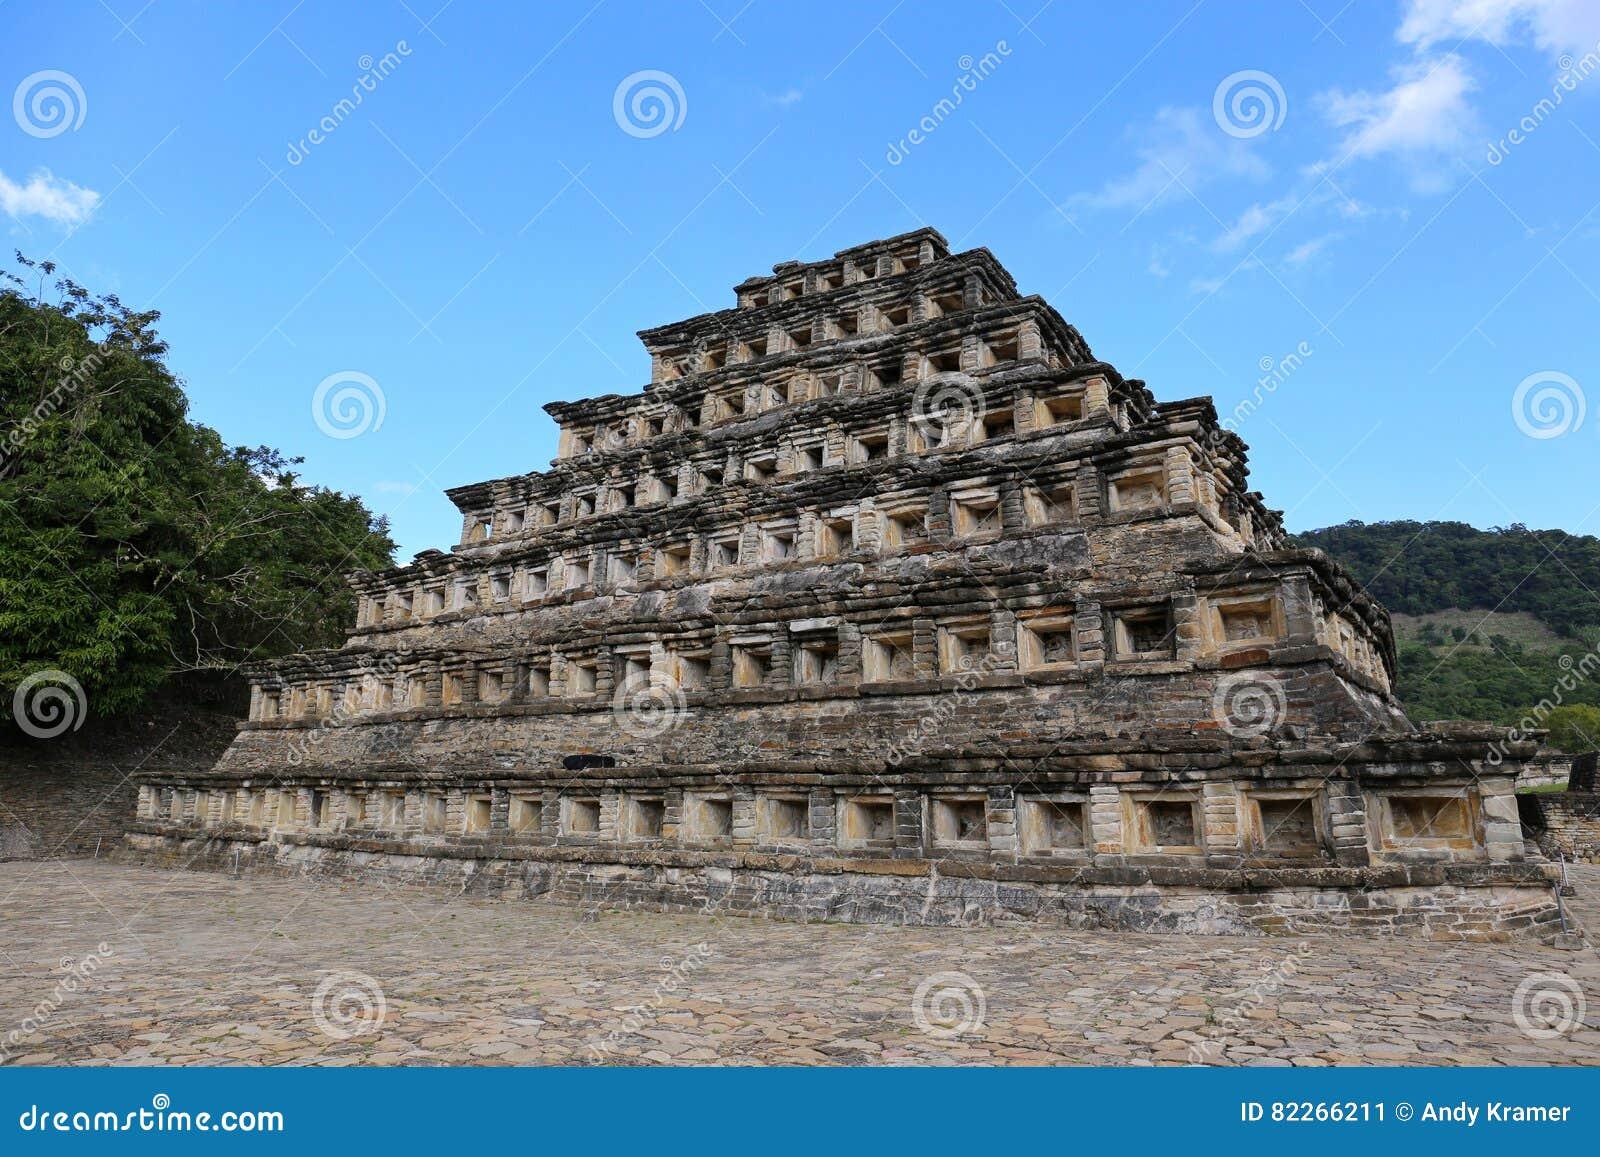 Archäologische Fundstätte von EL Tajin, Veracruz, Mexiko